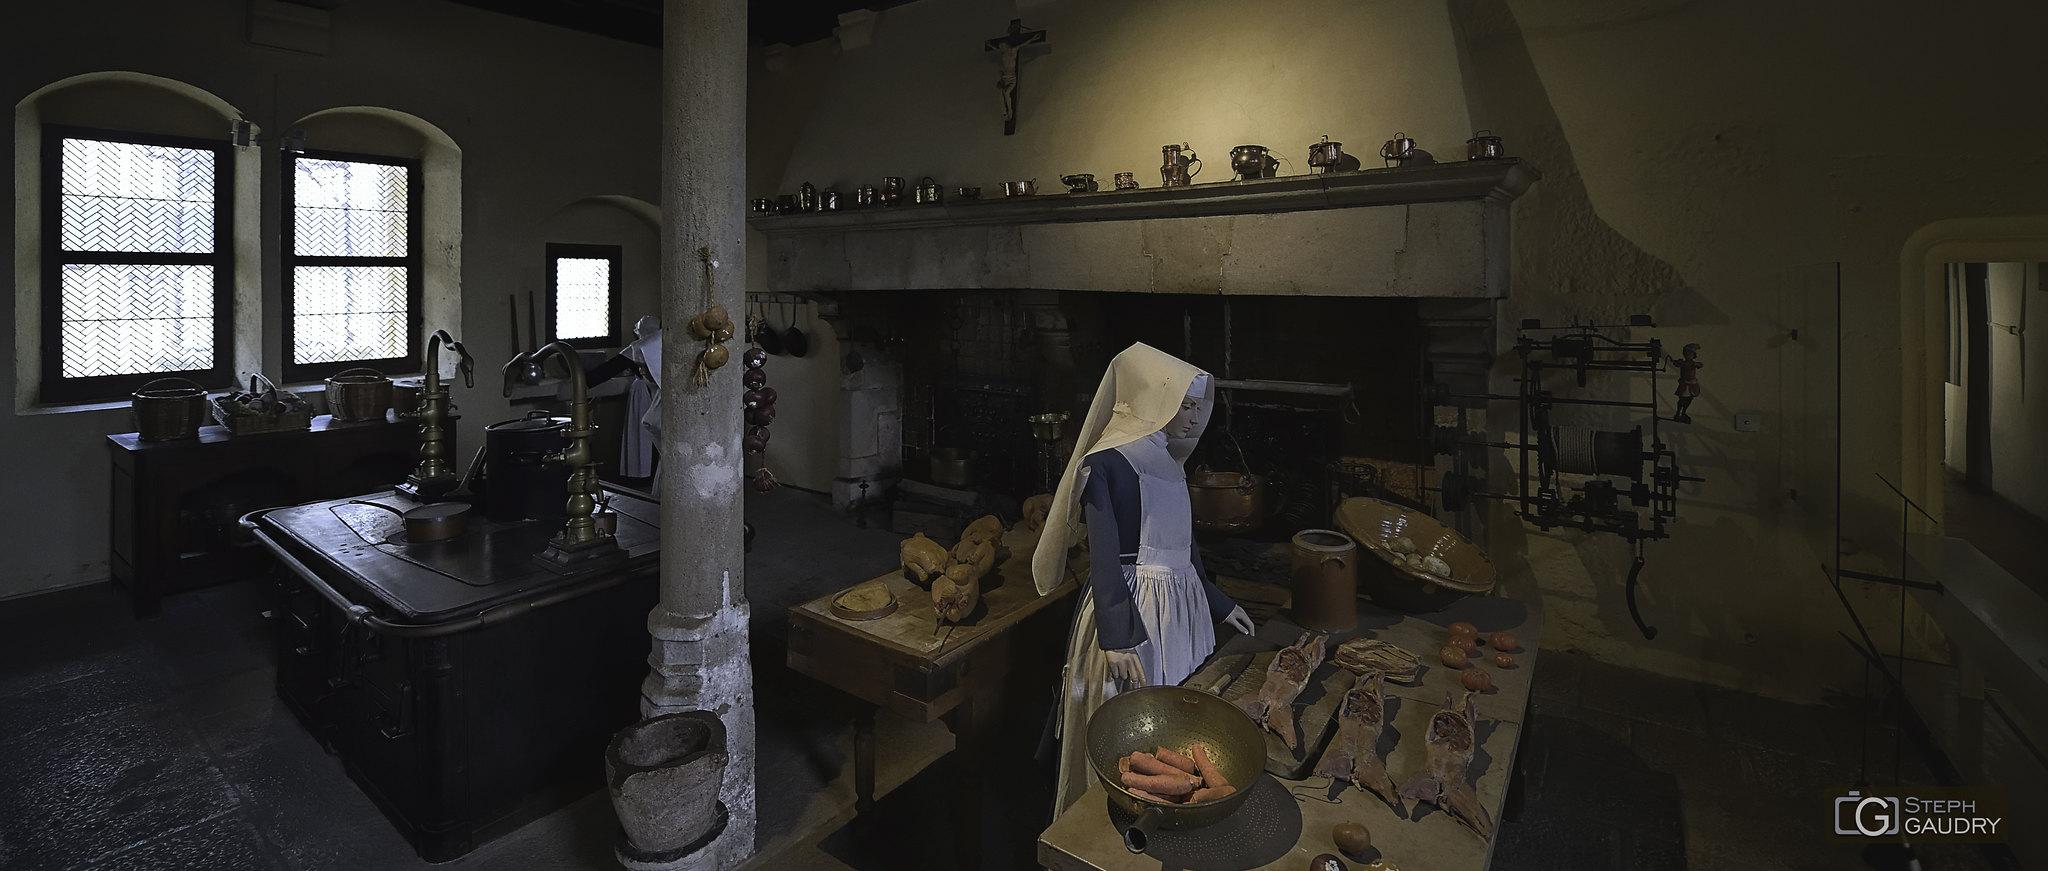 La cuisine des hospices : Hospices de Beaune (hôtel-Dieu) [Cliquez pour lancer le diaporama]